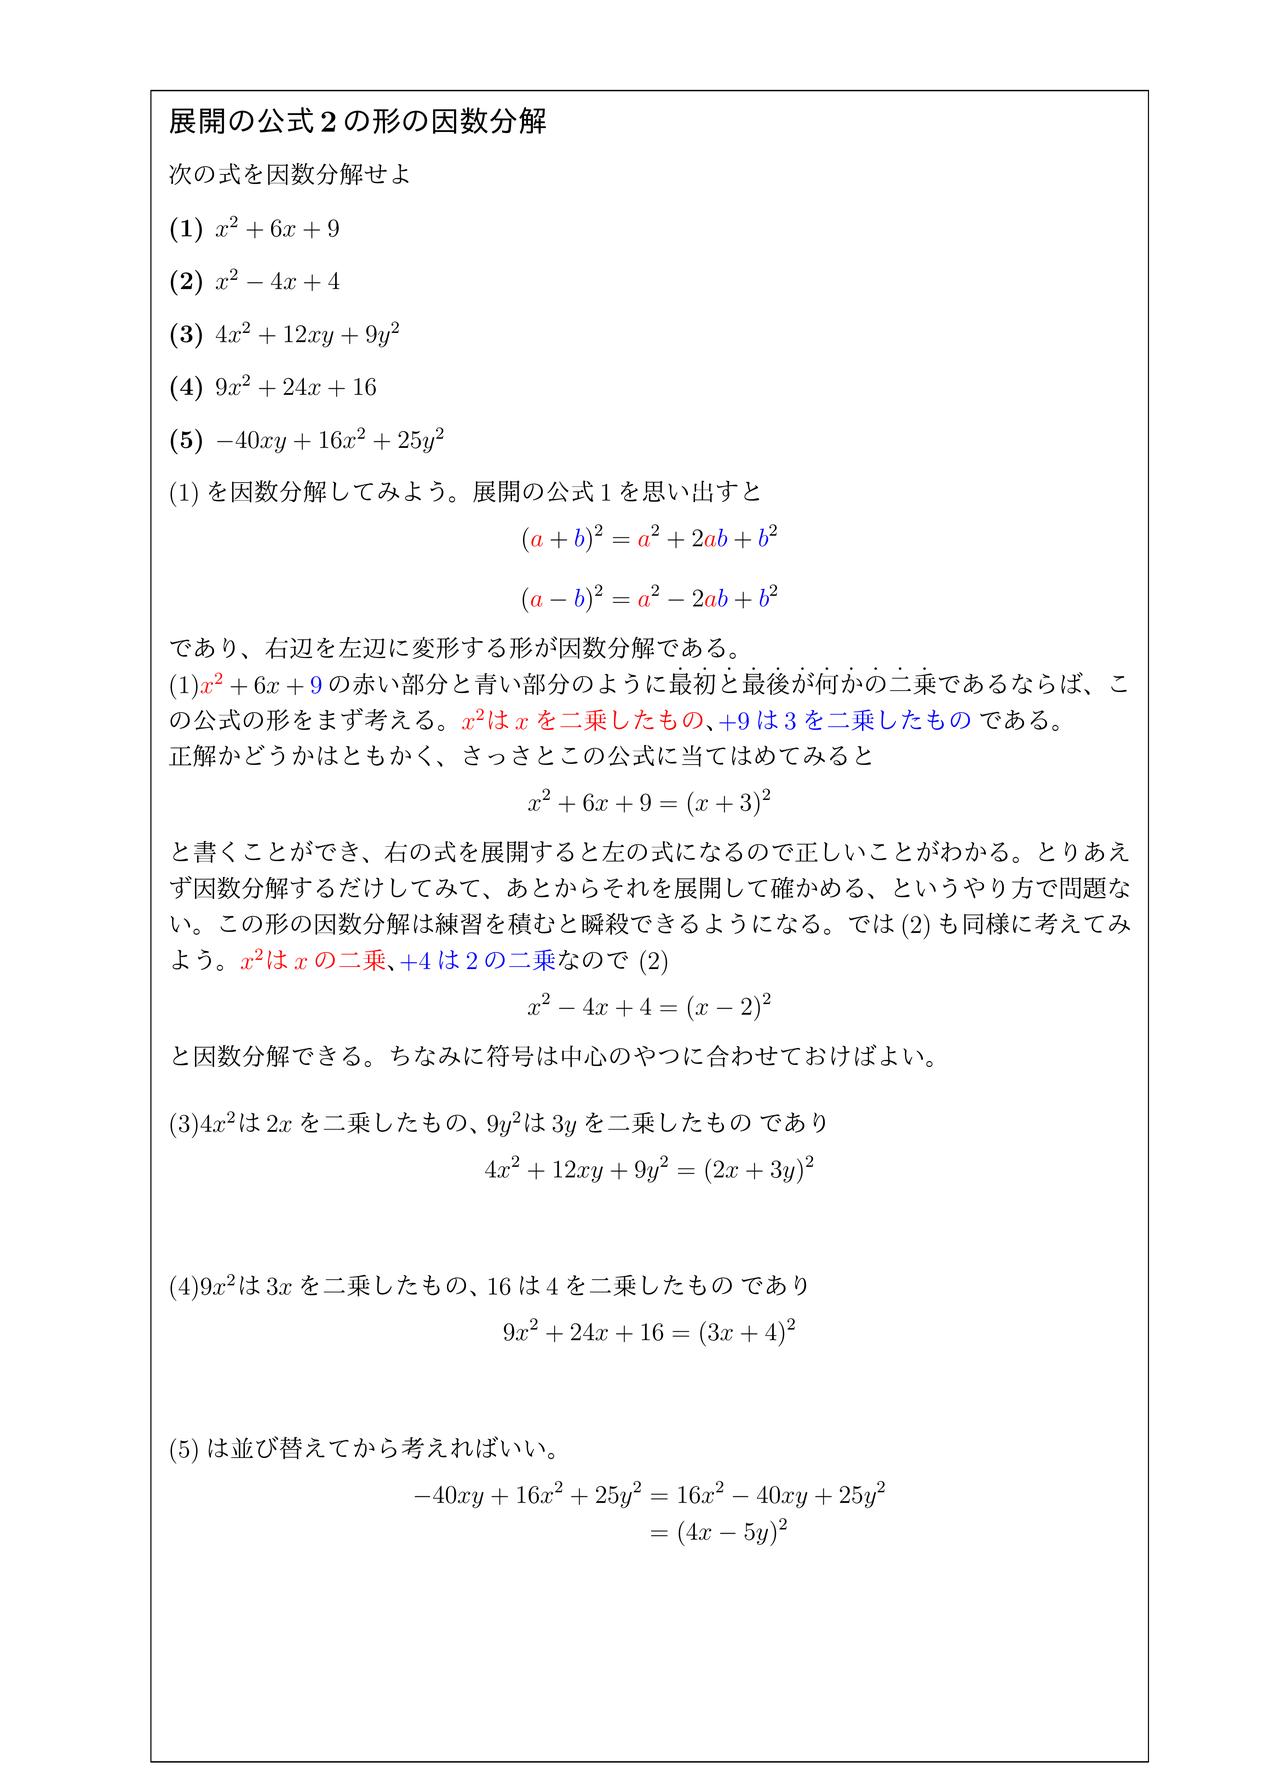 因数分解の公式2